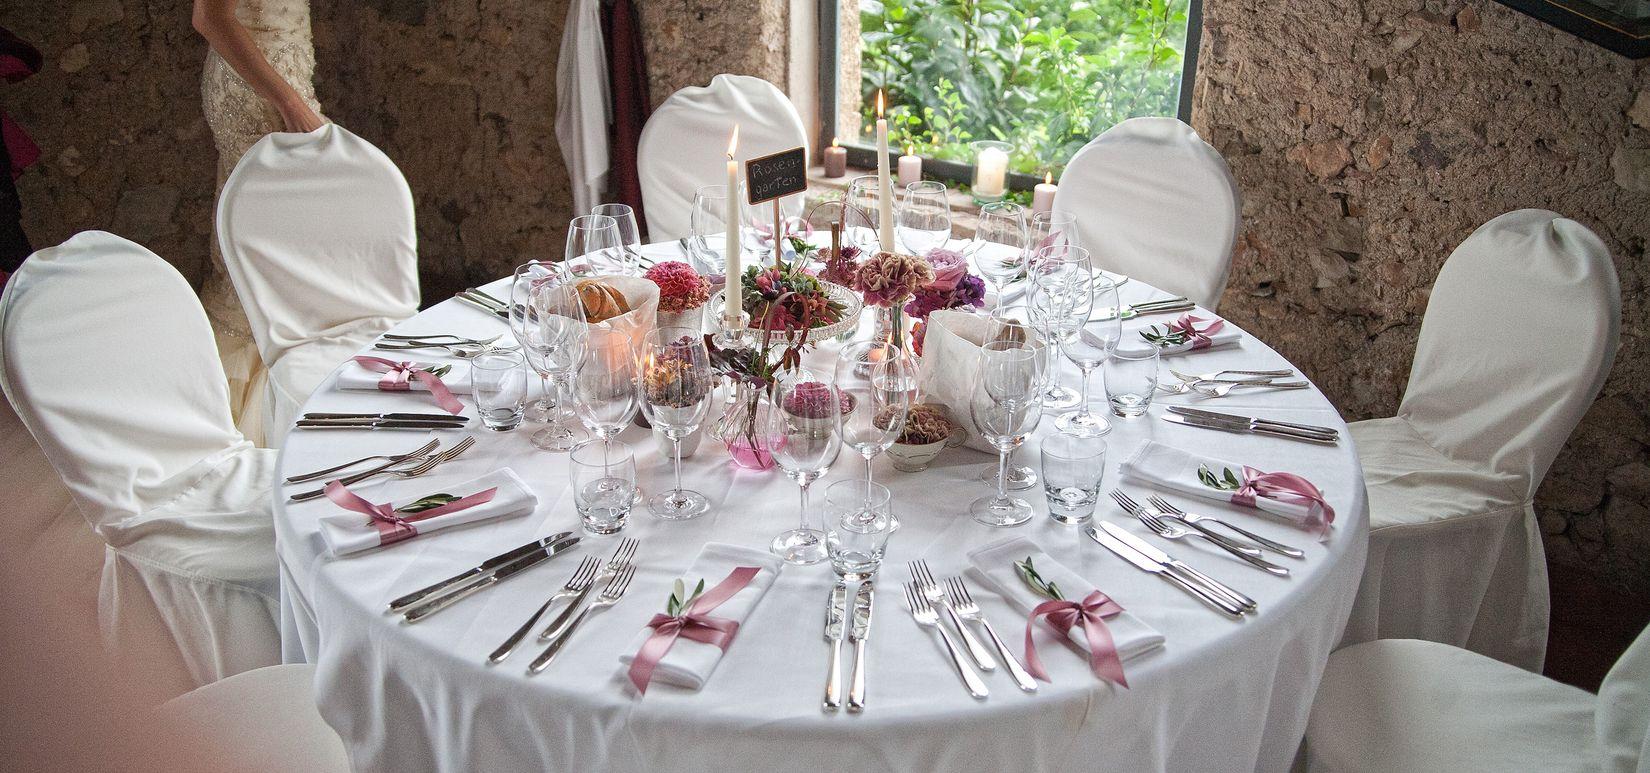 Hochzeiten im Kirchsteiger in Völlan bei Lana feiern, Südtirol